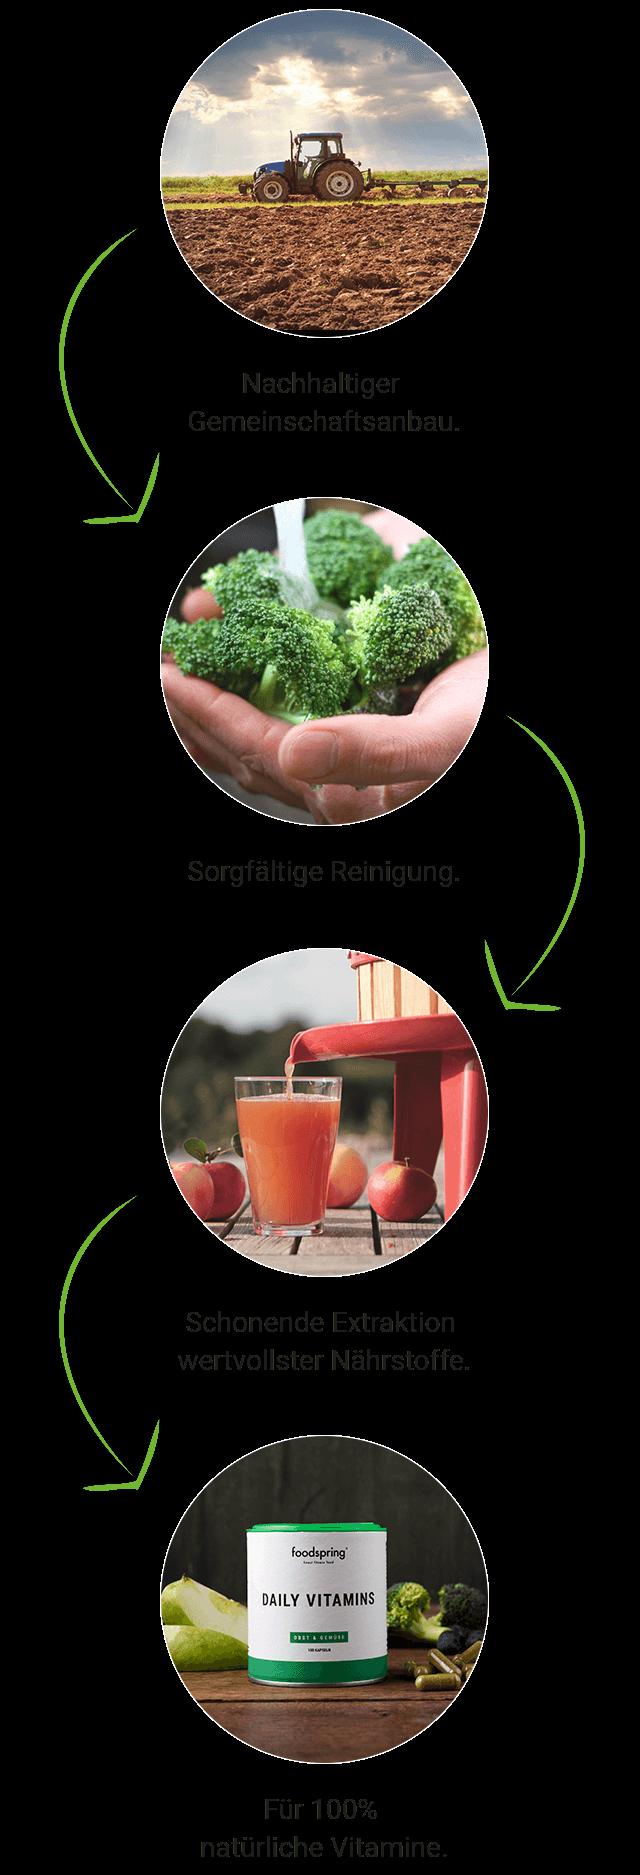 Processus de fabrication des gélules de Daily Vitamins